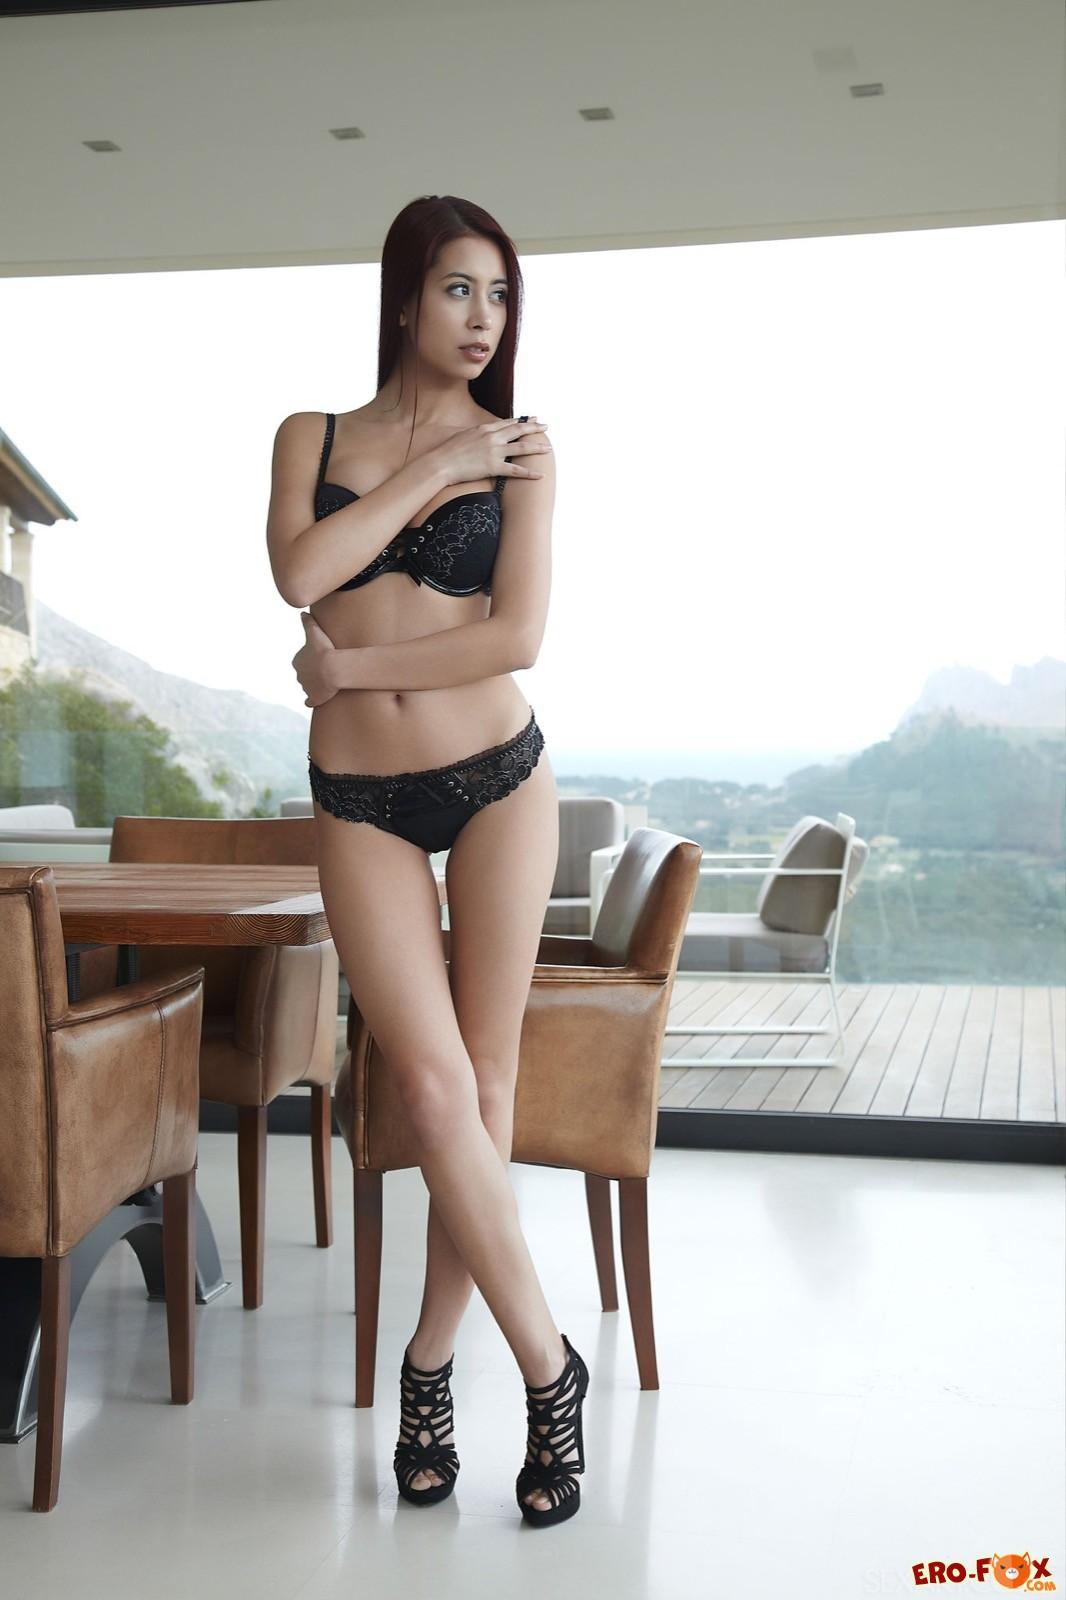 Голая азиатка с красивой попкой на каблуках